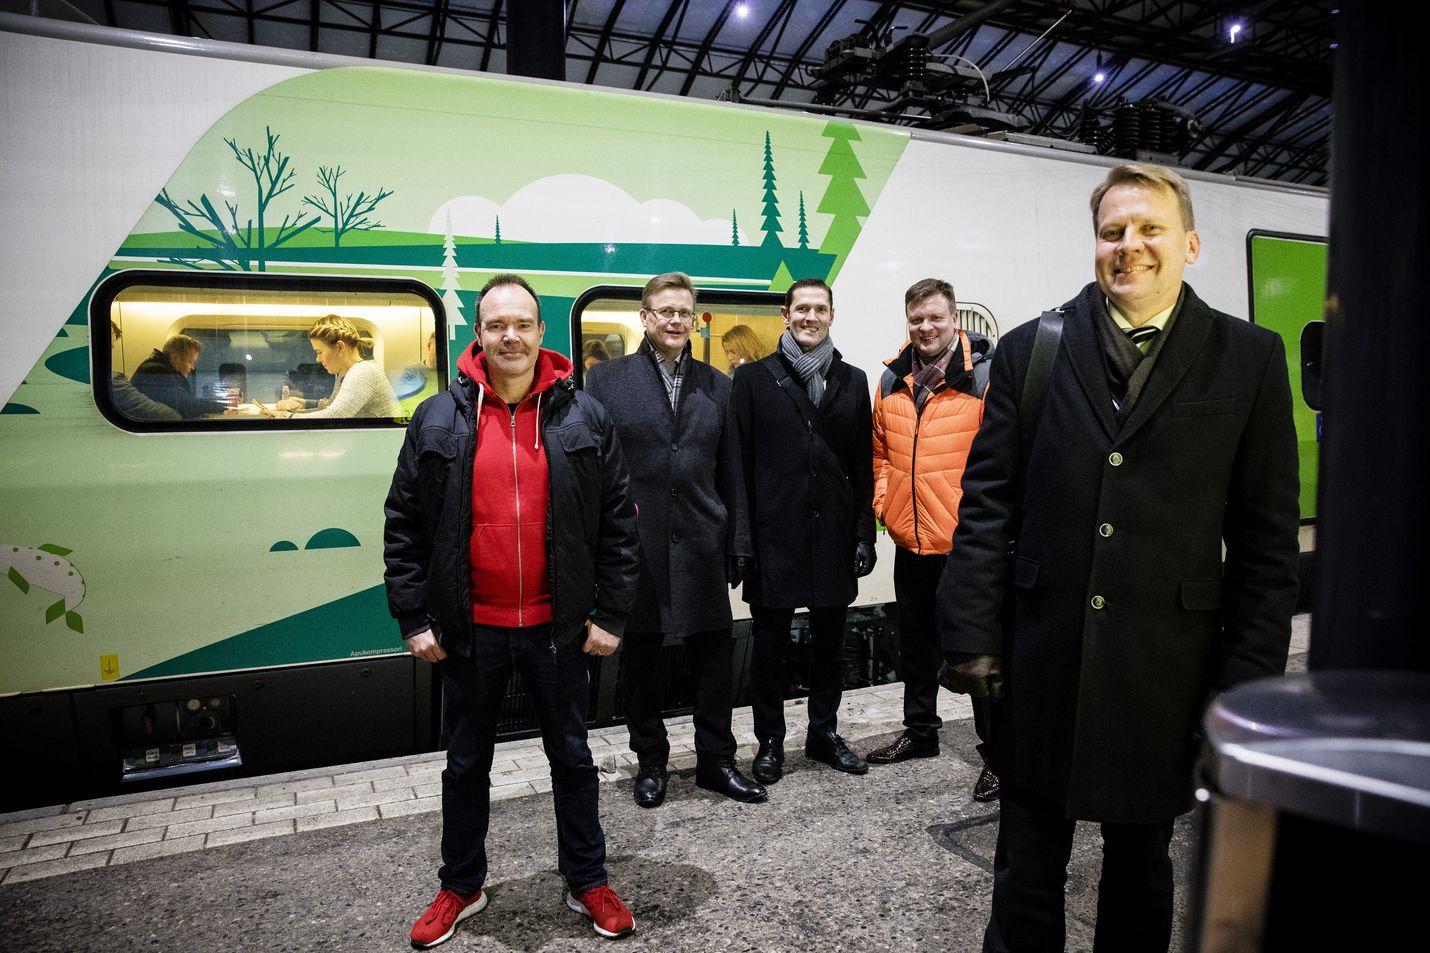 Yksityisen rahoituksen mahdollisuutta ratahankkeisiin pohtivat Harri Jaskari (oikealla), Peter Vesterbacka (vasemmalla), Ari Koponen (toinen vasemmalta), Sinuhe Wallinheimo (keskellä) ja Ville Skinnari (toinen oikealta) Helsingin rautatieasemalla.